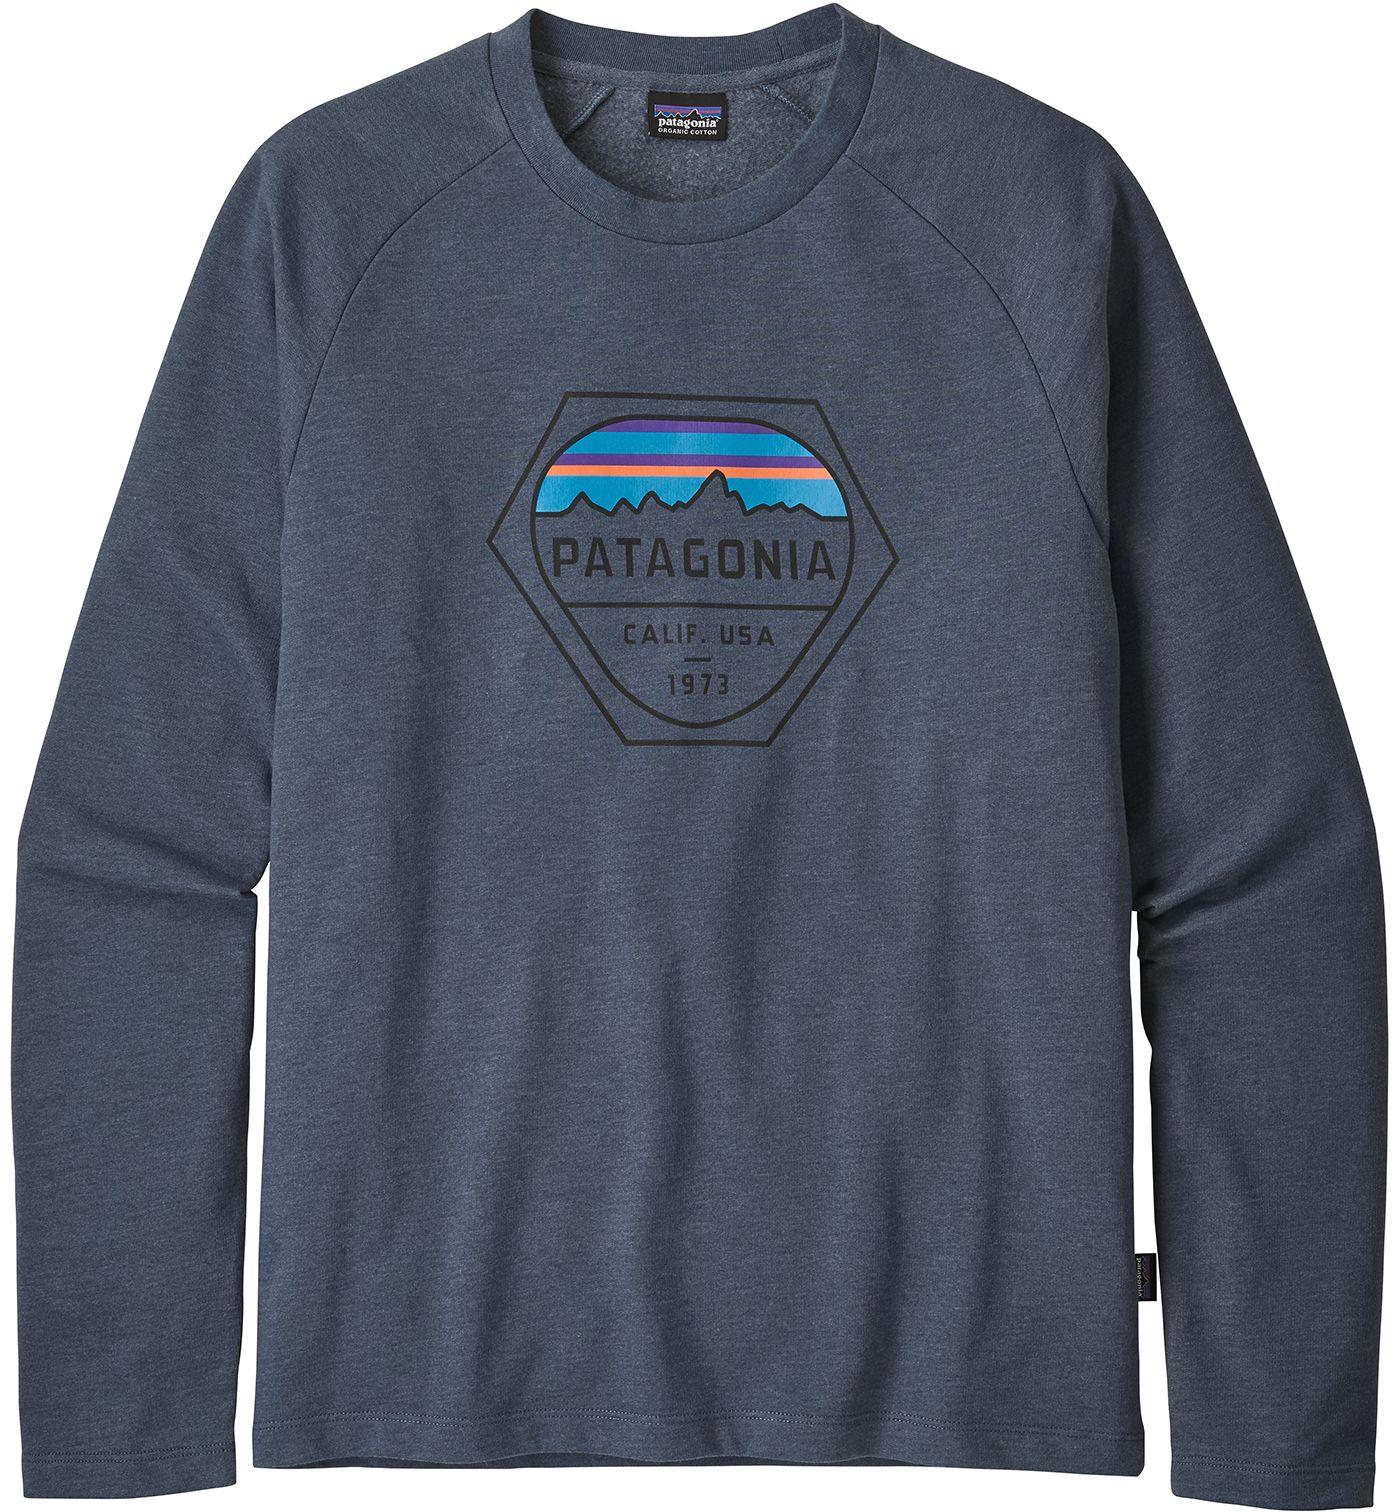 Patagonia Men's Fitz Roy Hex Lightweight Crew Sweatshirt